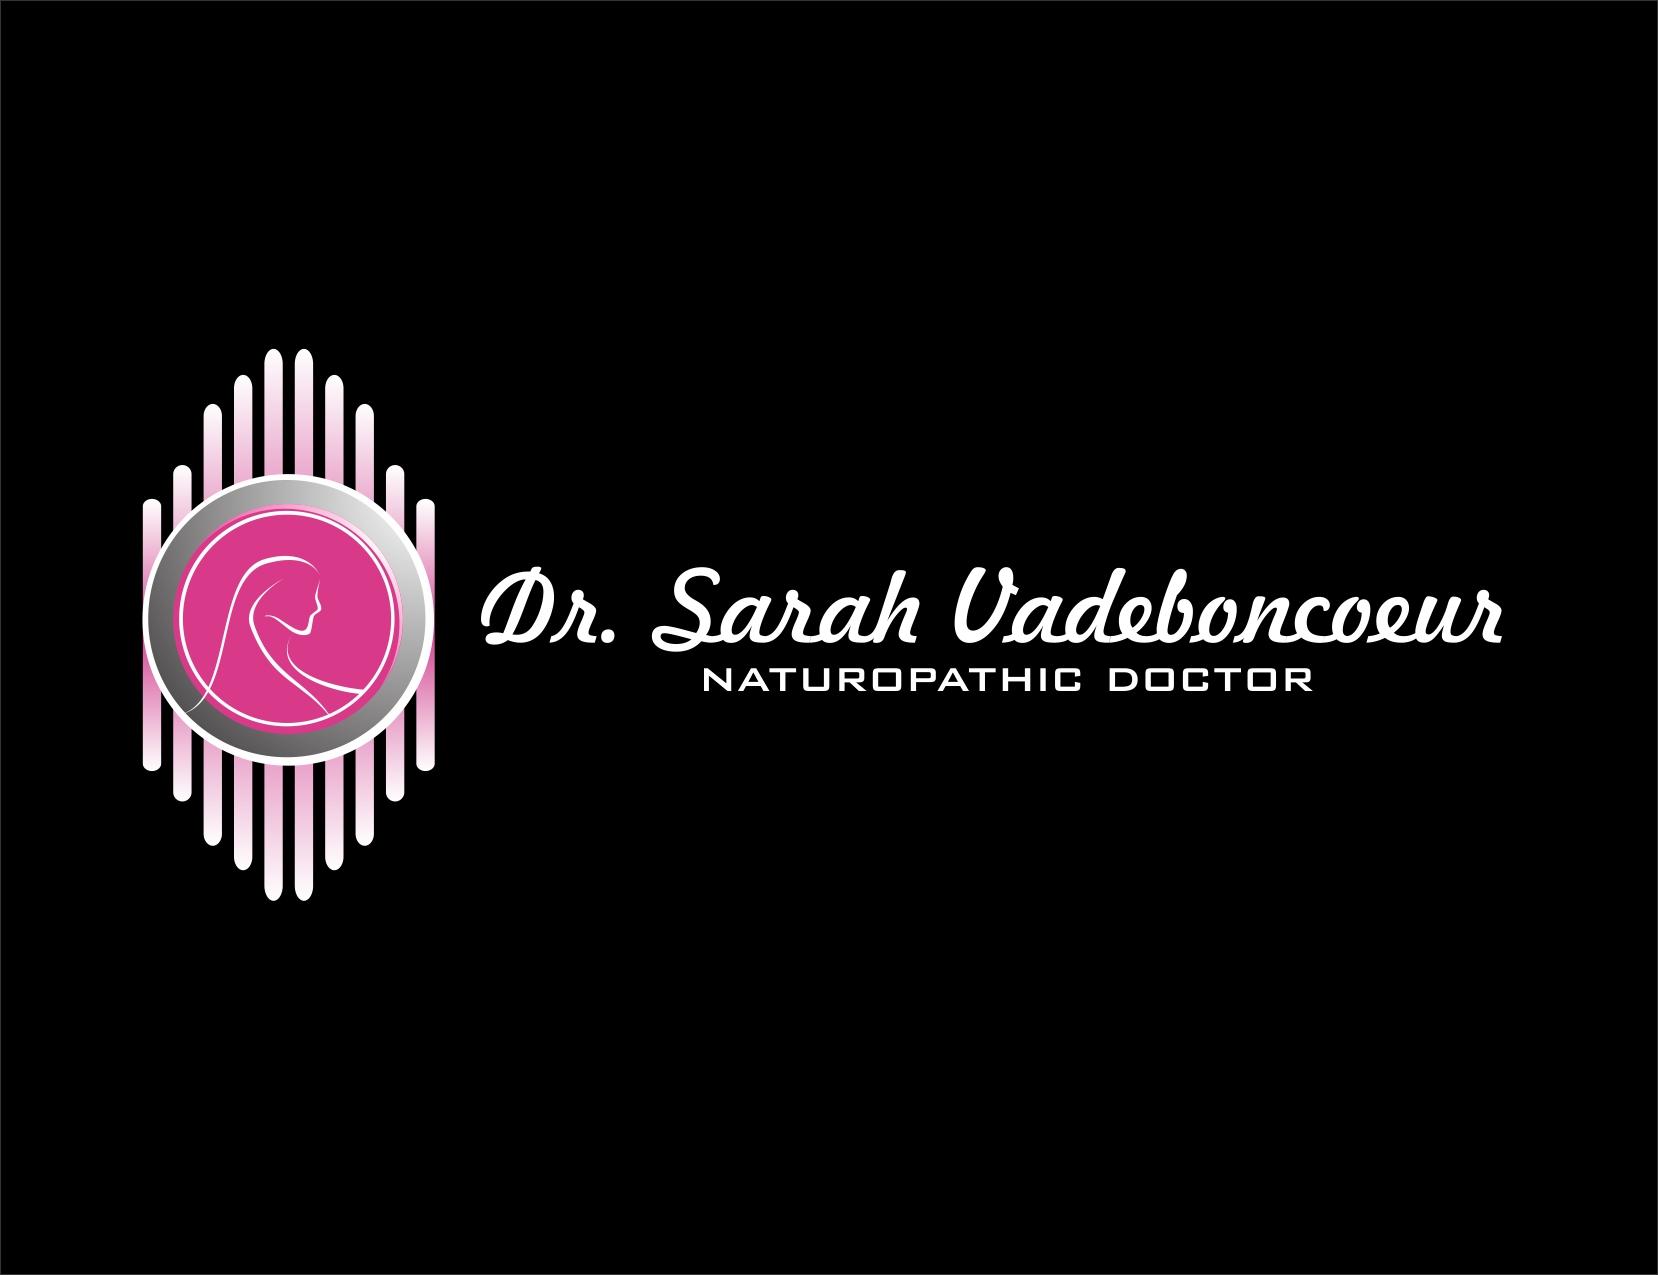 Logo Design by Reza Sasmita - Entry No. 85 in the Logo Design Contest New Logo Design for Dr. Sarah Vadeboncoeur, Naturopathic Doctor.